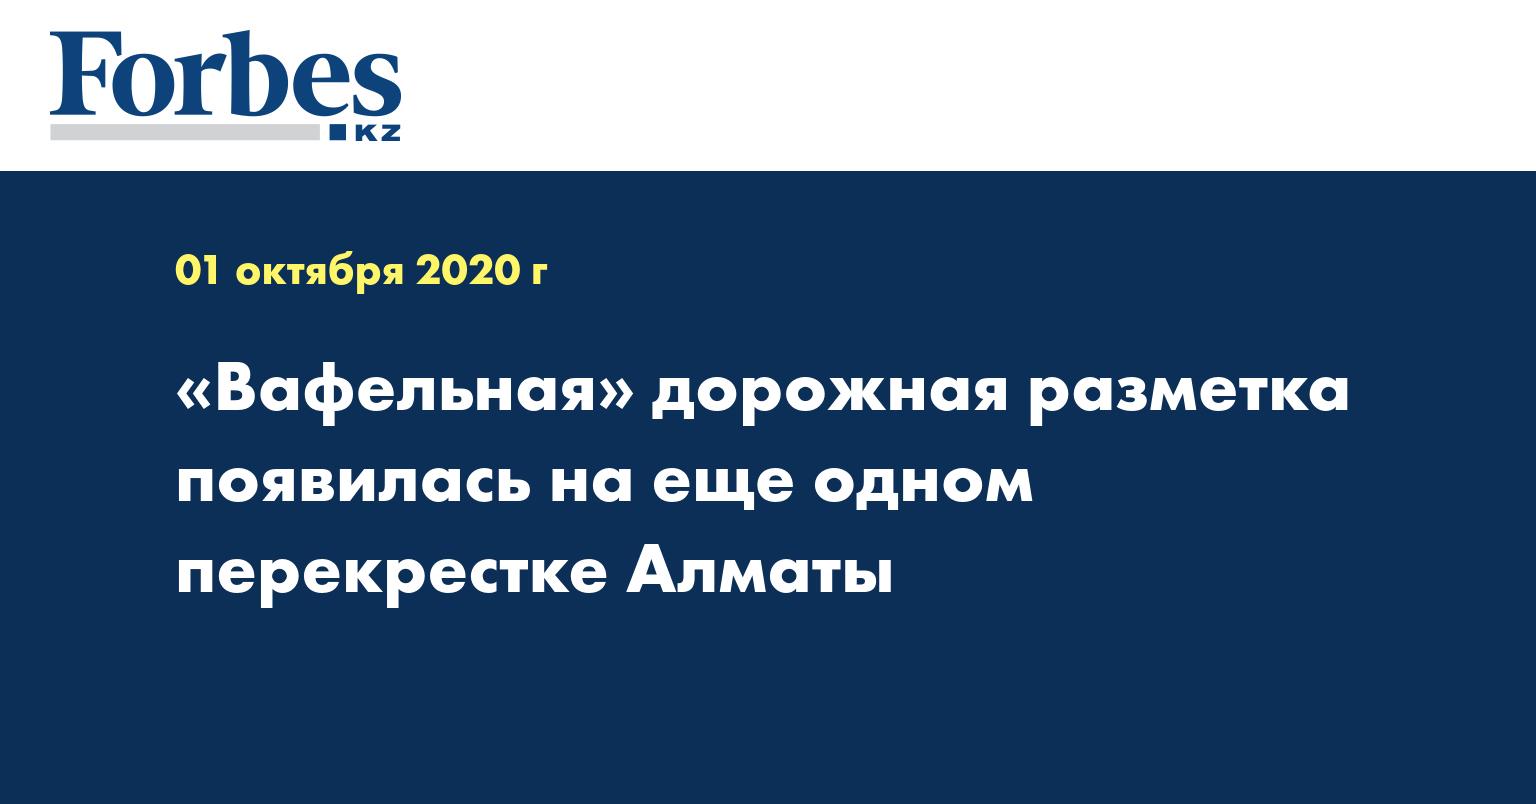 «Вафельная» дорожная  разметка появилась на еще одном перекрестке Алматы